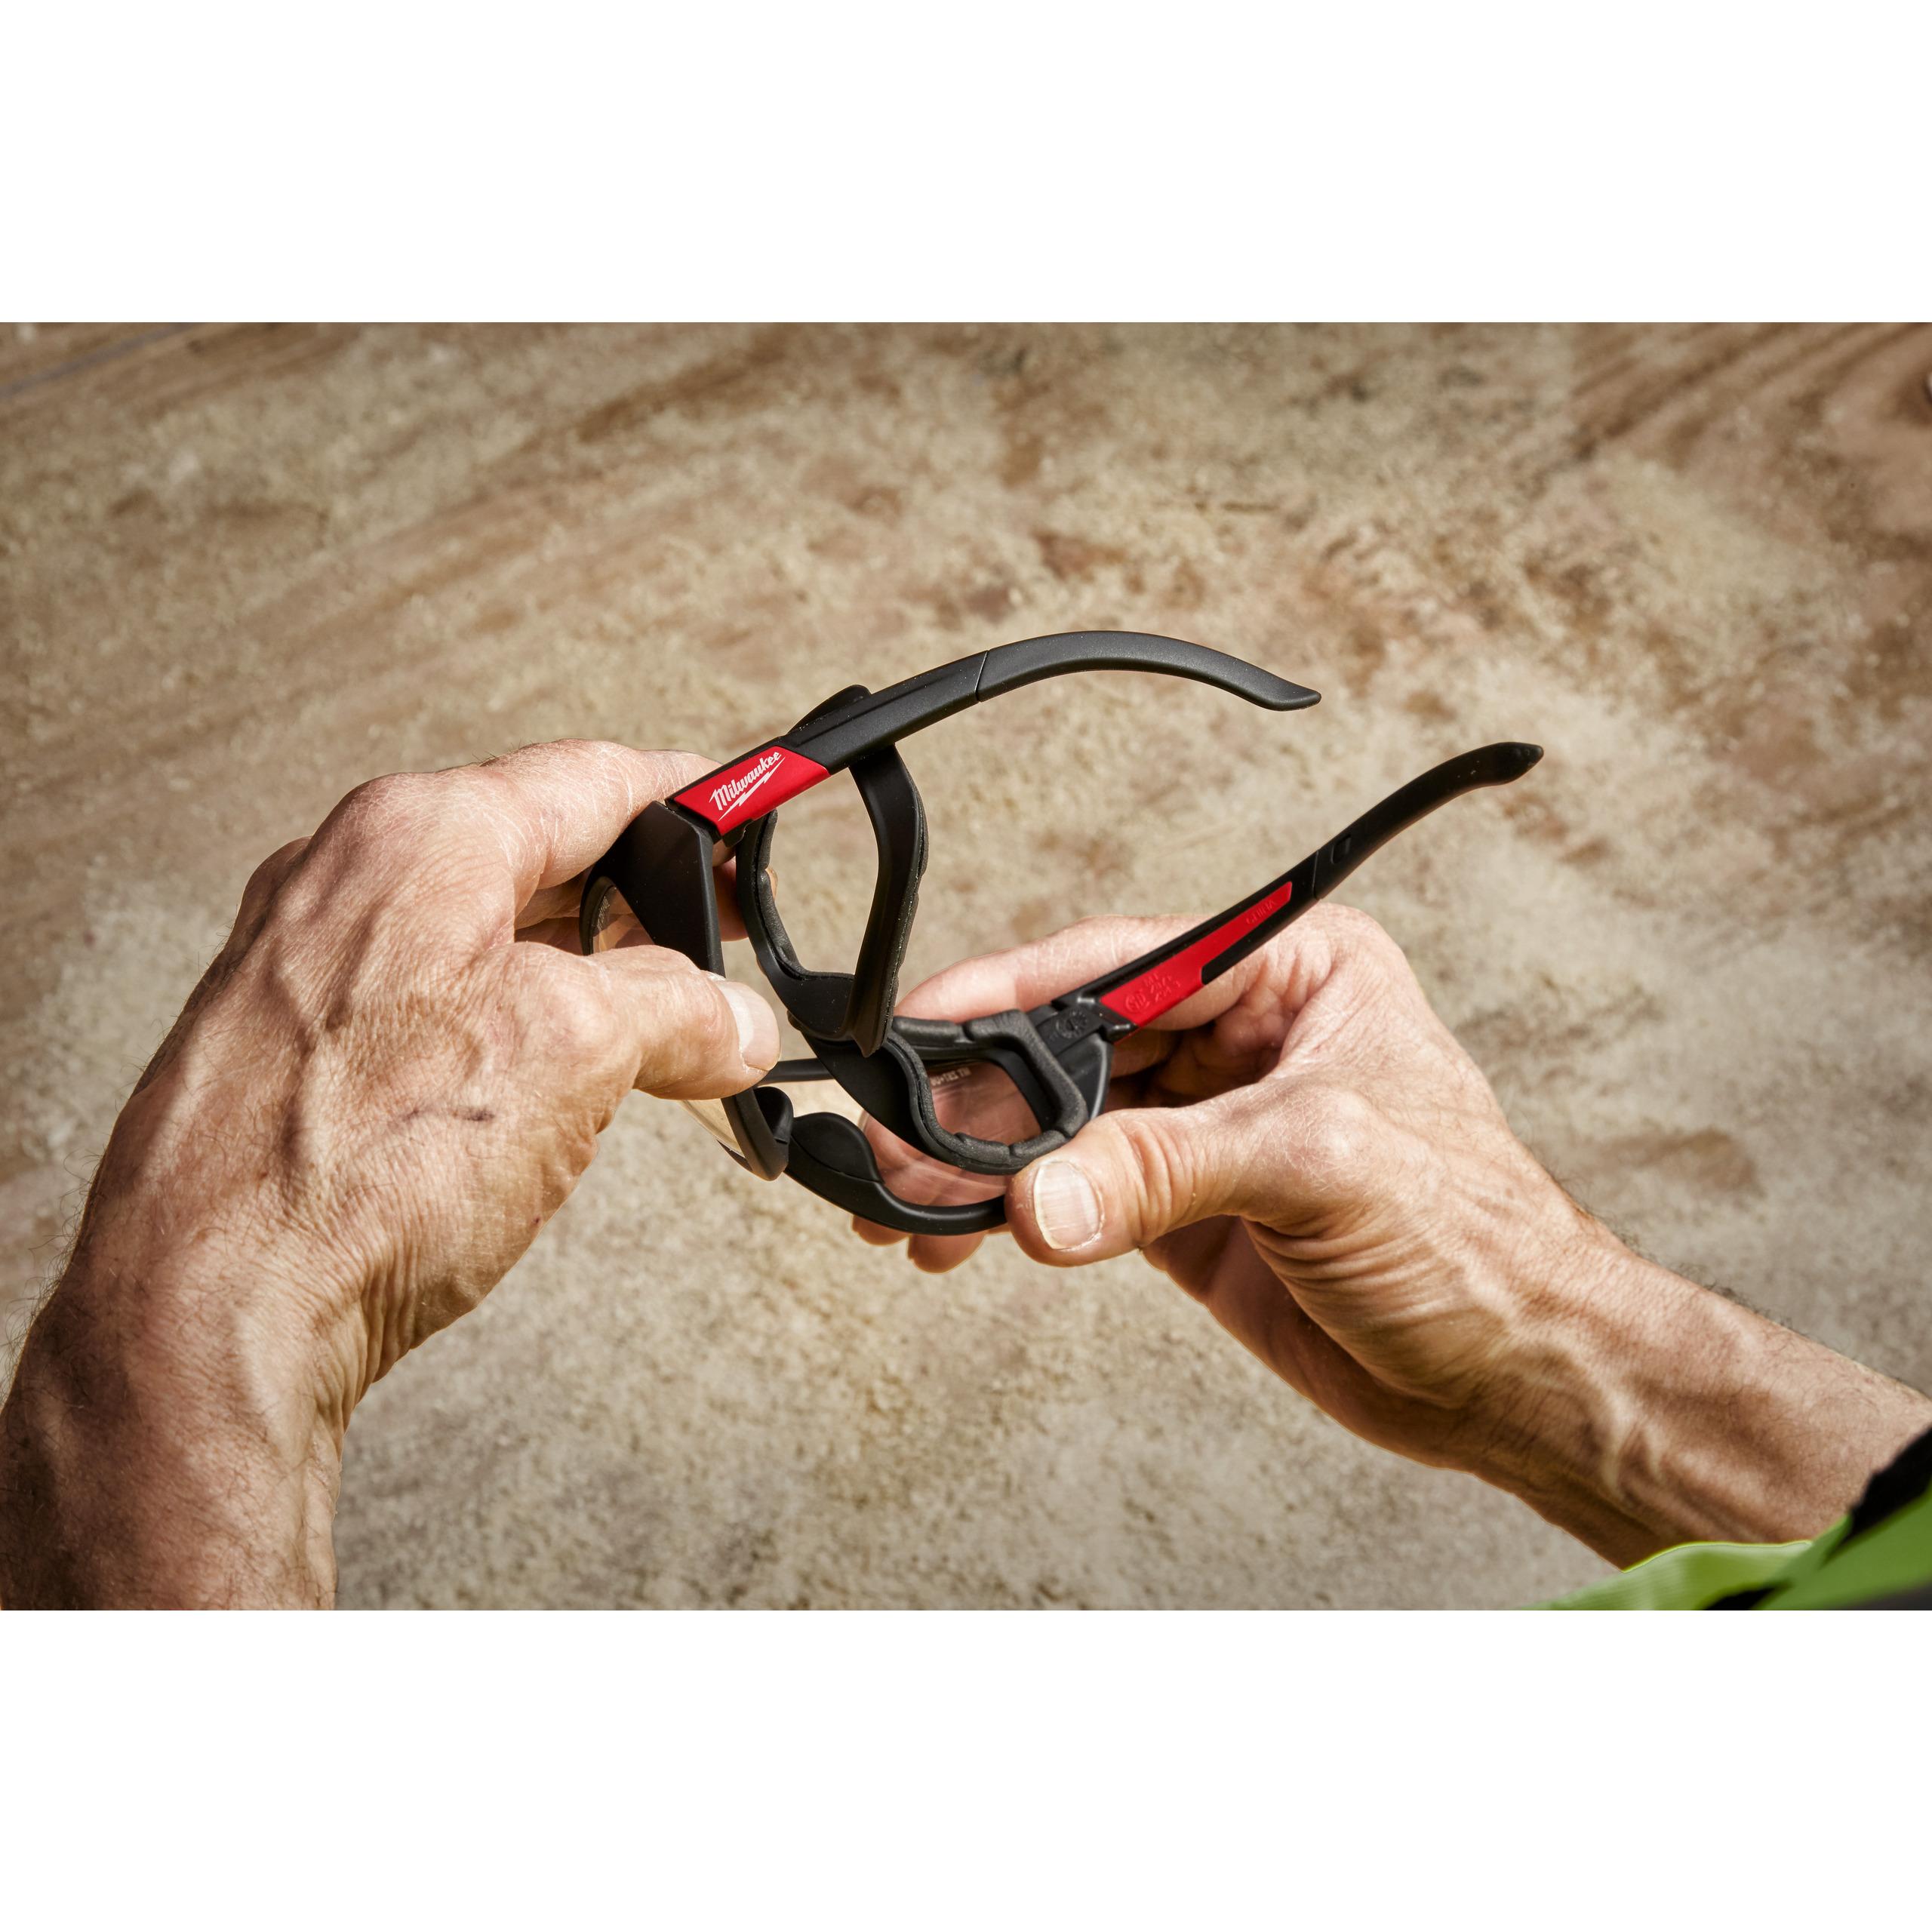 Vysoko výkonnostní ochranné brýle čiré s těsnící vložkou- 1ks